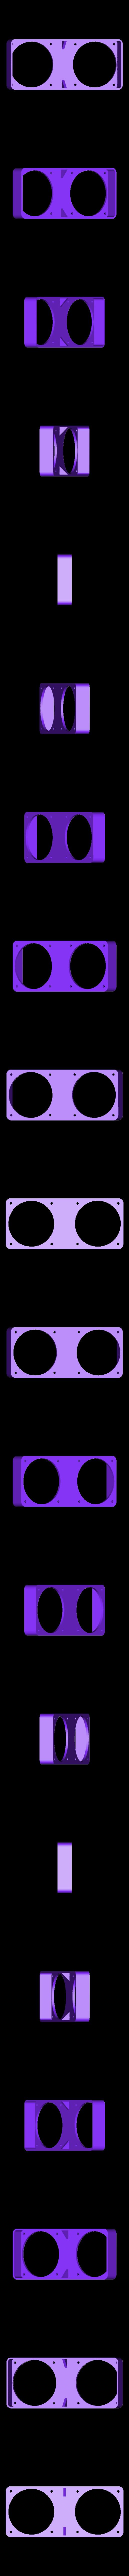 Part1.stl Télécharger fichier STL gratuit Adaptateur de filtre à charbon pour Flashforge Dreamer • Modèle pour imprimante 3D, DK7